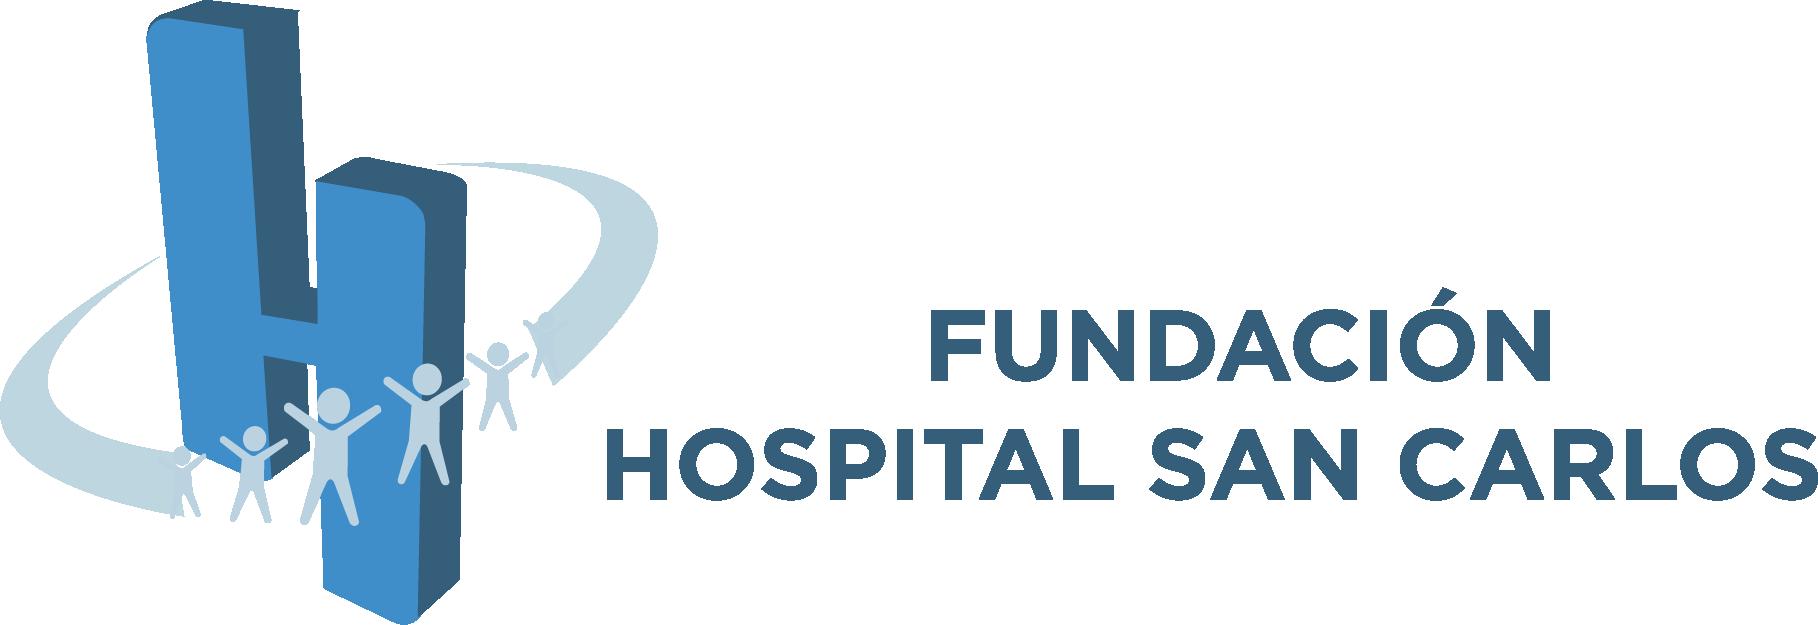 Fundación Hospital San Carlos